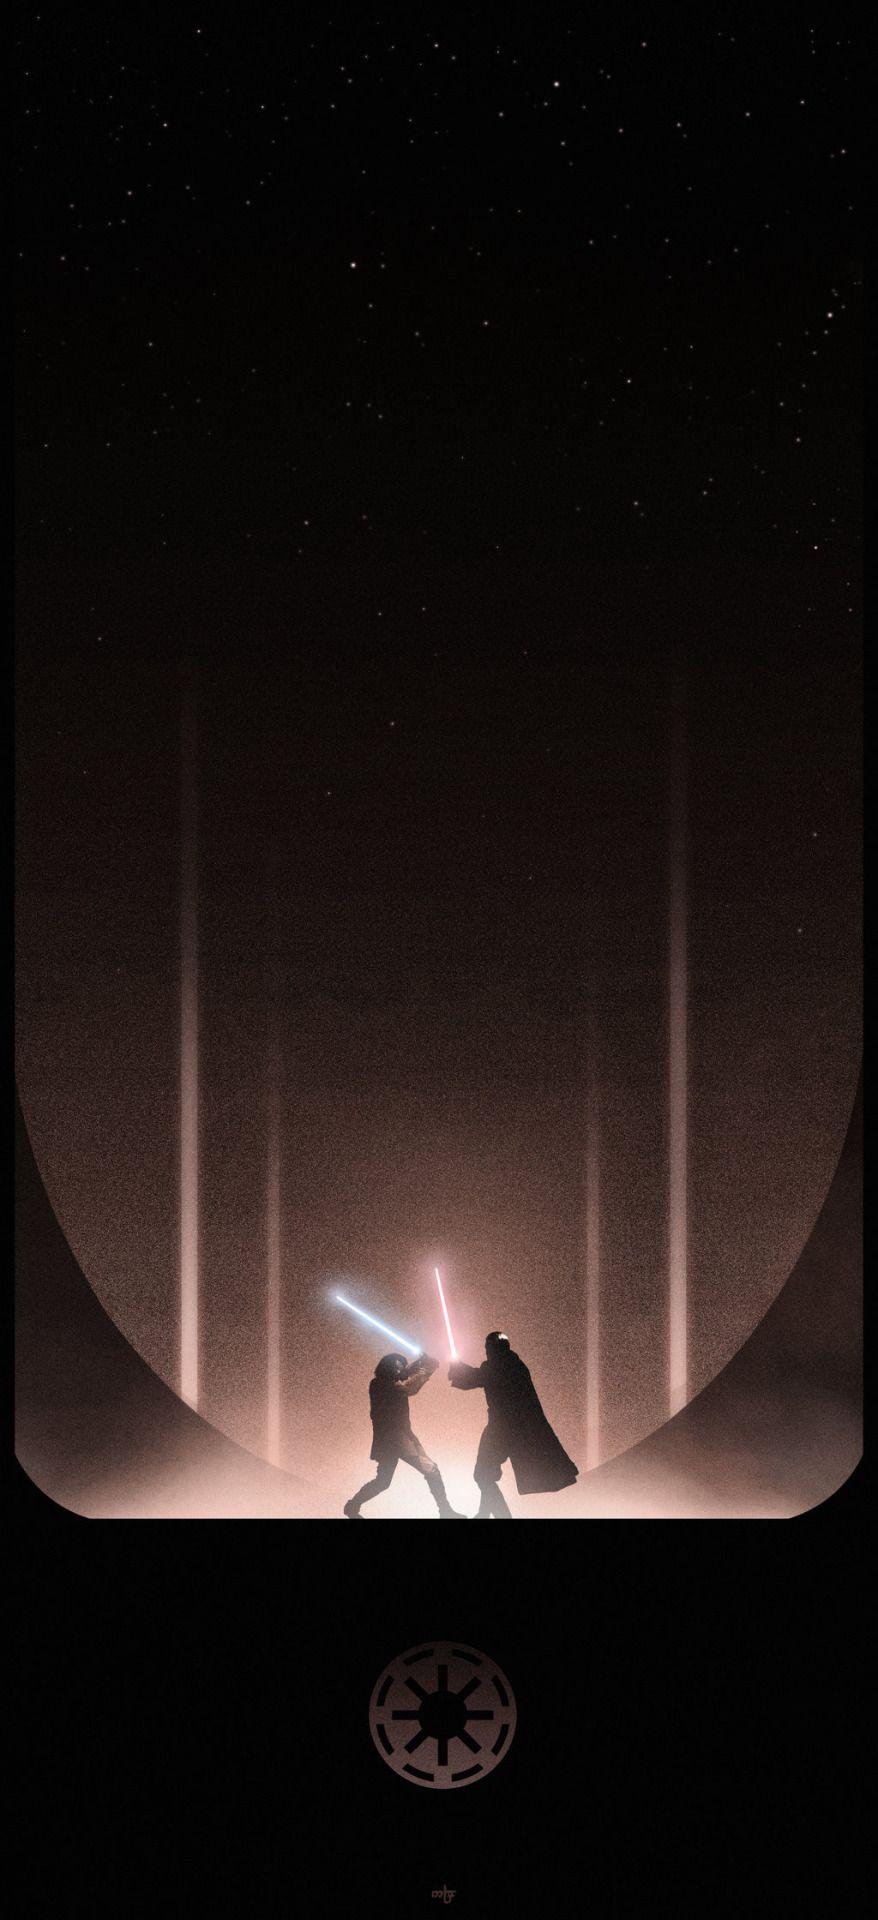 Pixalry Star Wars Poster Star Wars Episode Ii Star Wars Light Saber